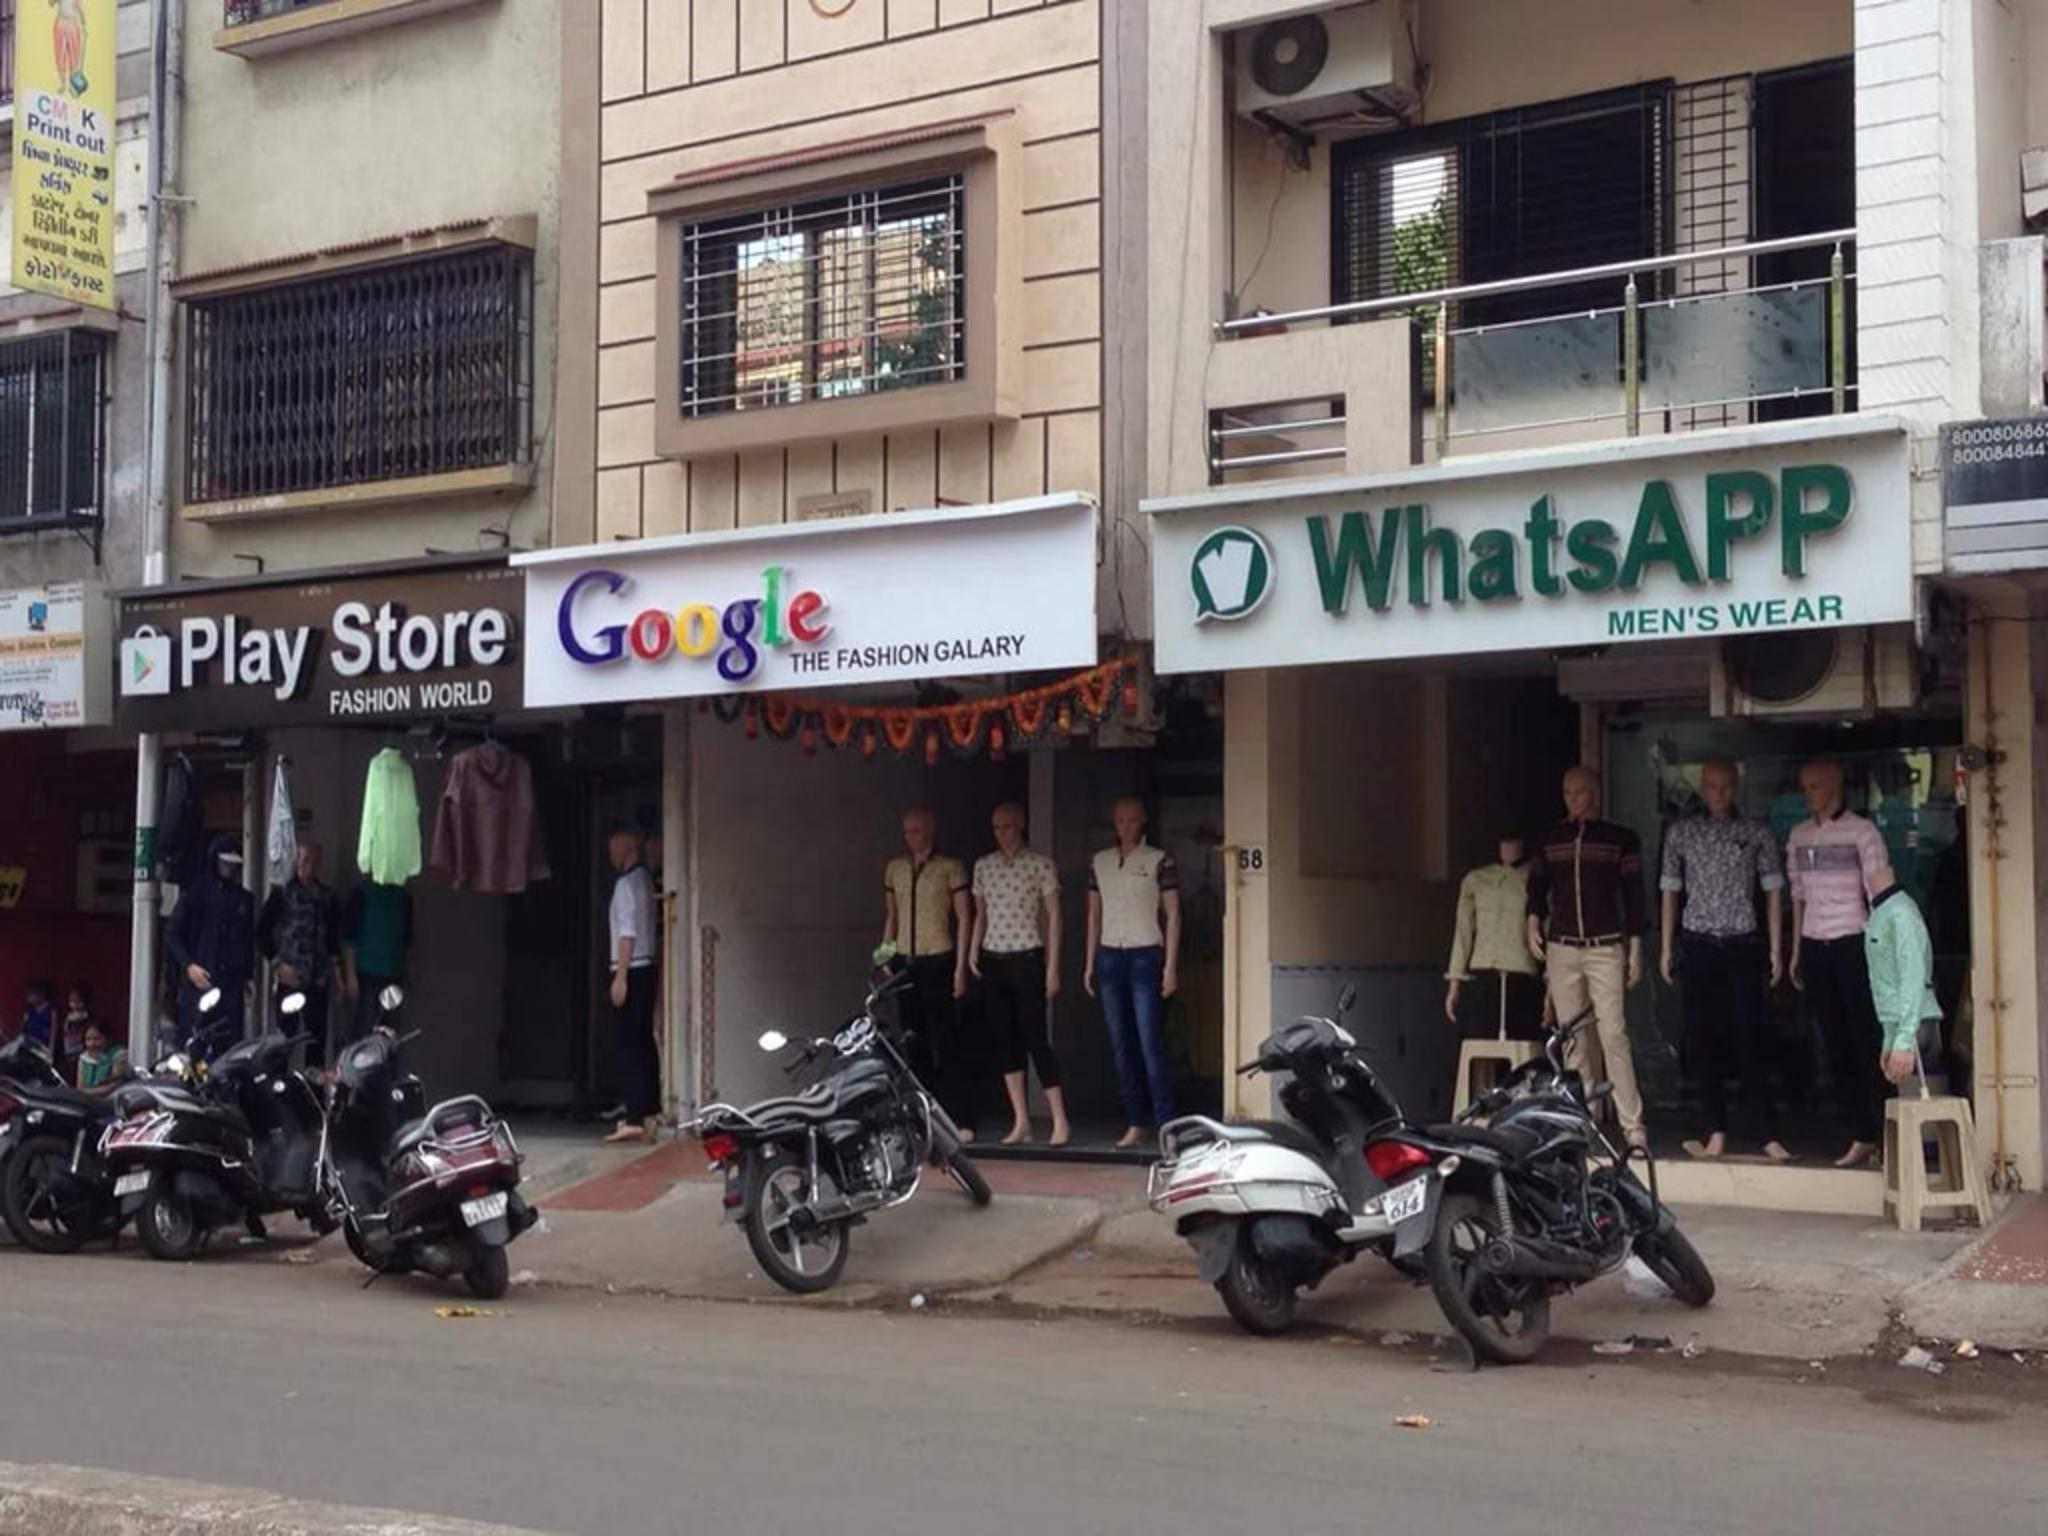 PlayStore-Google-WhatsApp